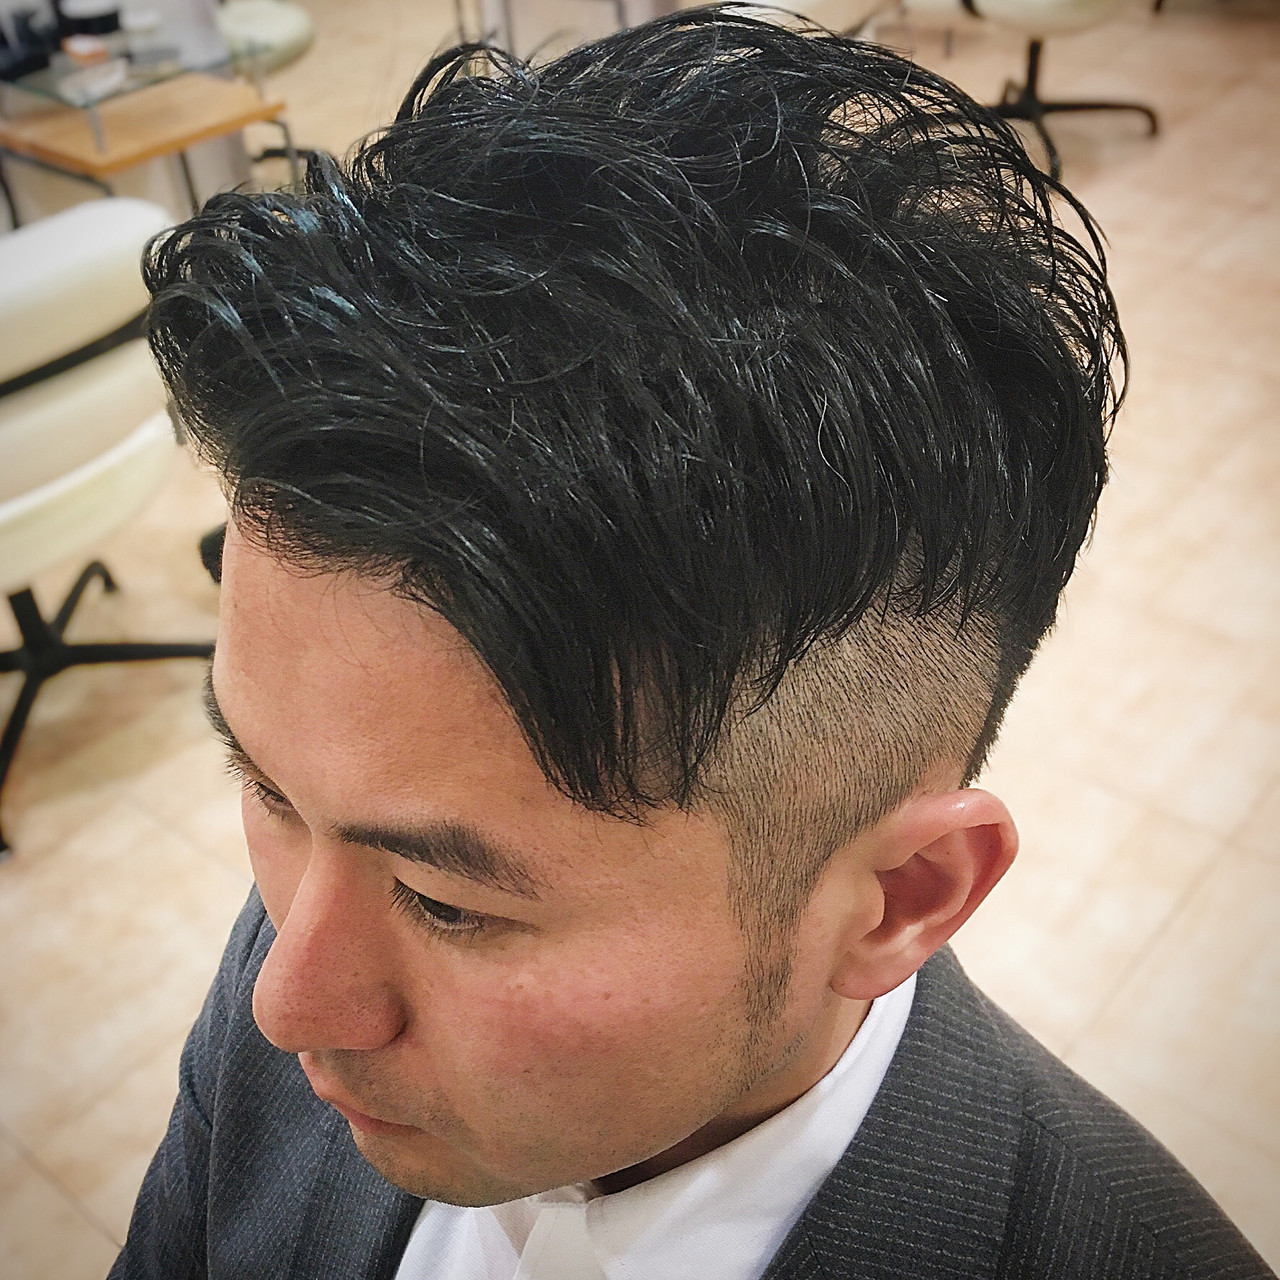 ツーブロック コンサバ ショート 刈り上げ ヘアスタイルや髪型の写真・画像